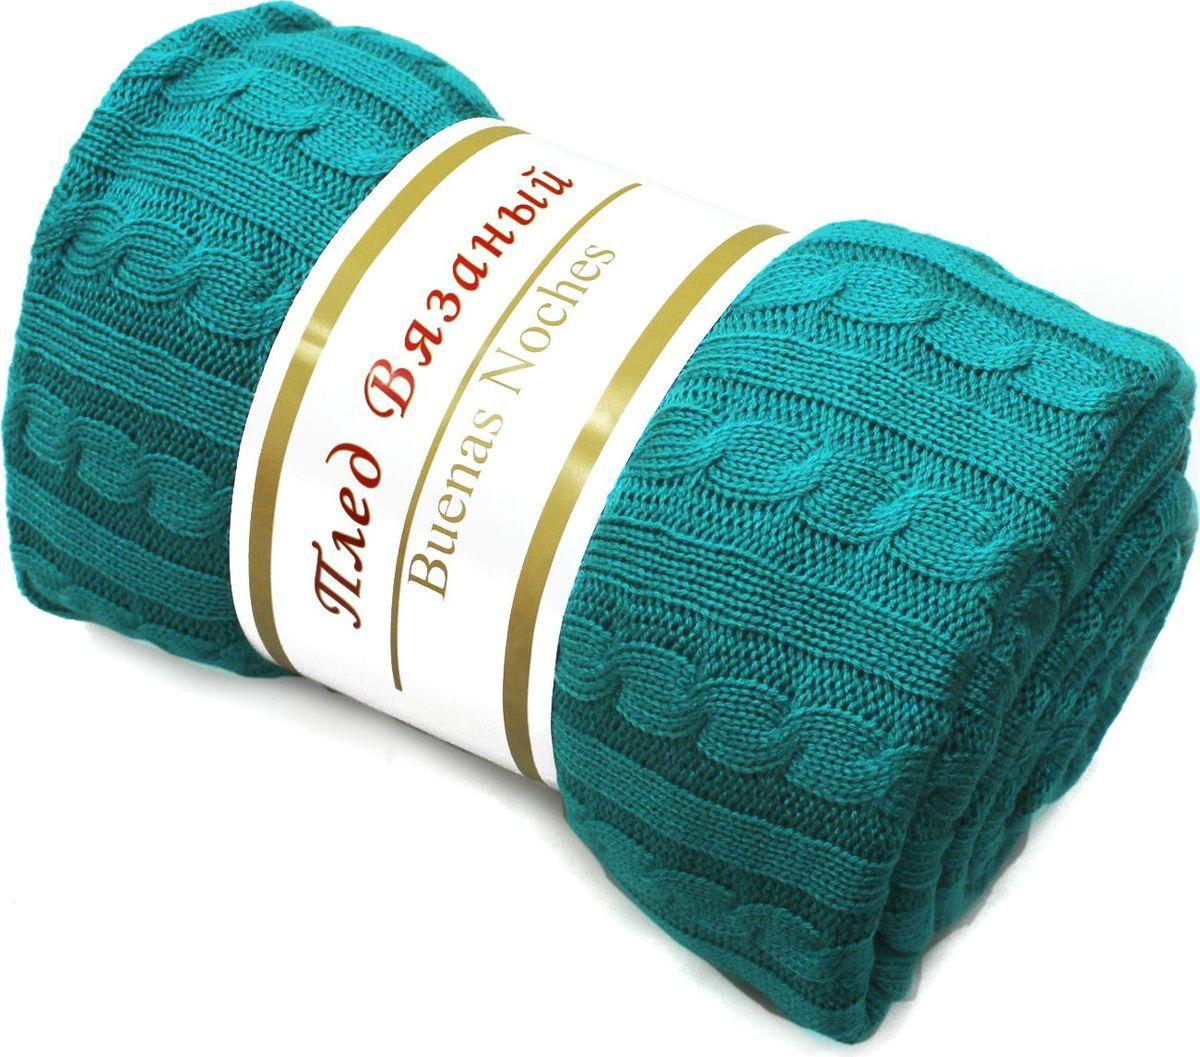 Плед Buenas Noches, цвет: бирюзовый, 130 х 160 см. 8511885118Вязаные пледы Amore Mia - отличный подарок себе и близким. Легкие, можно взять в дорогу, либо укрыть малыша. Оригинальная вязка, классические цвета.